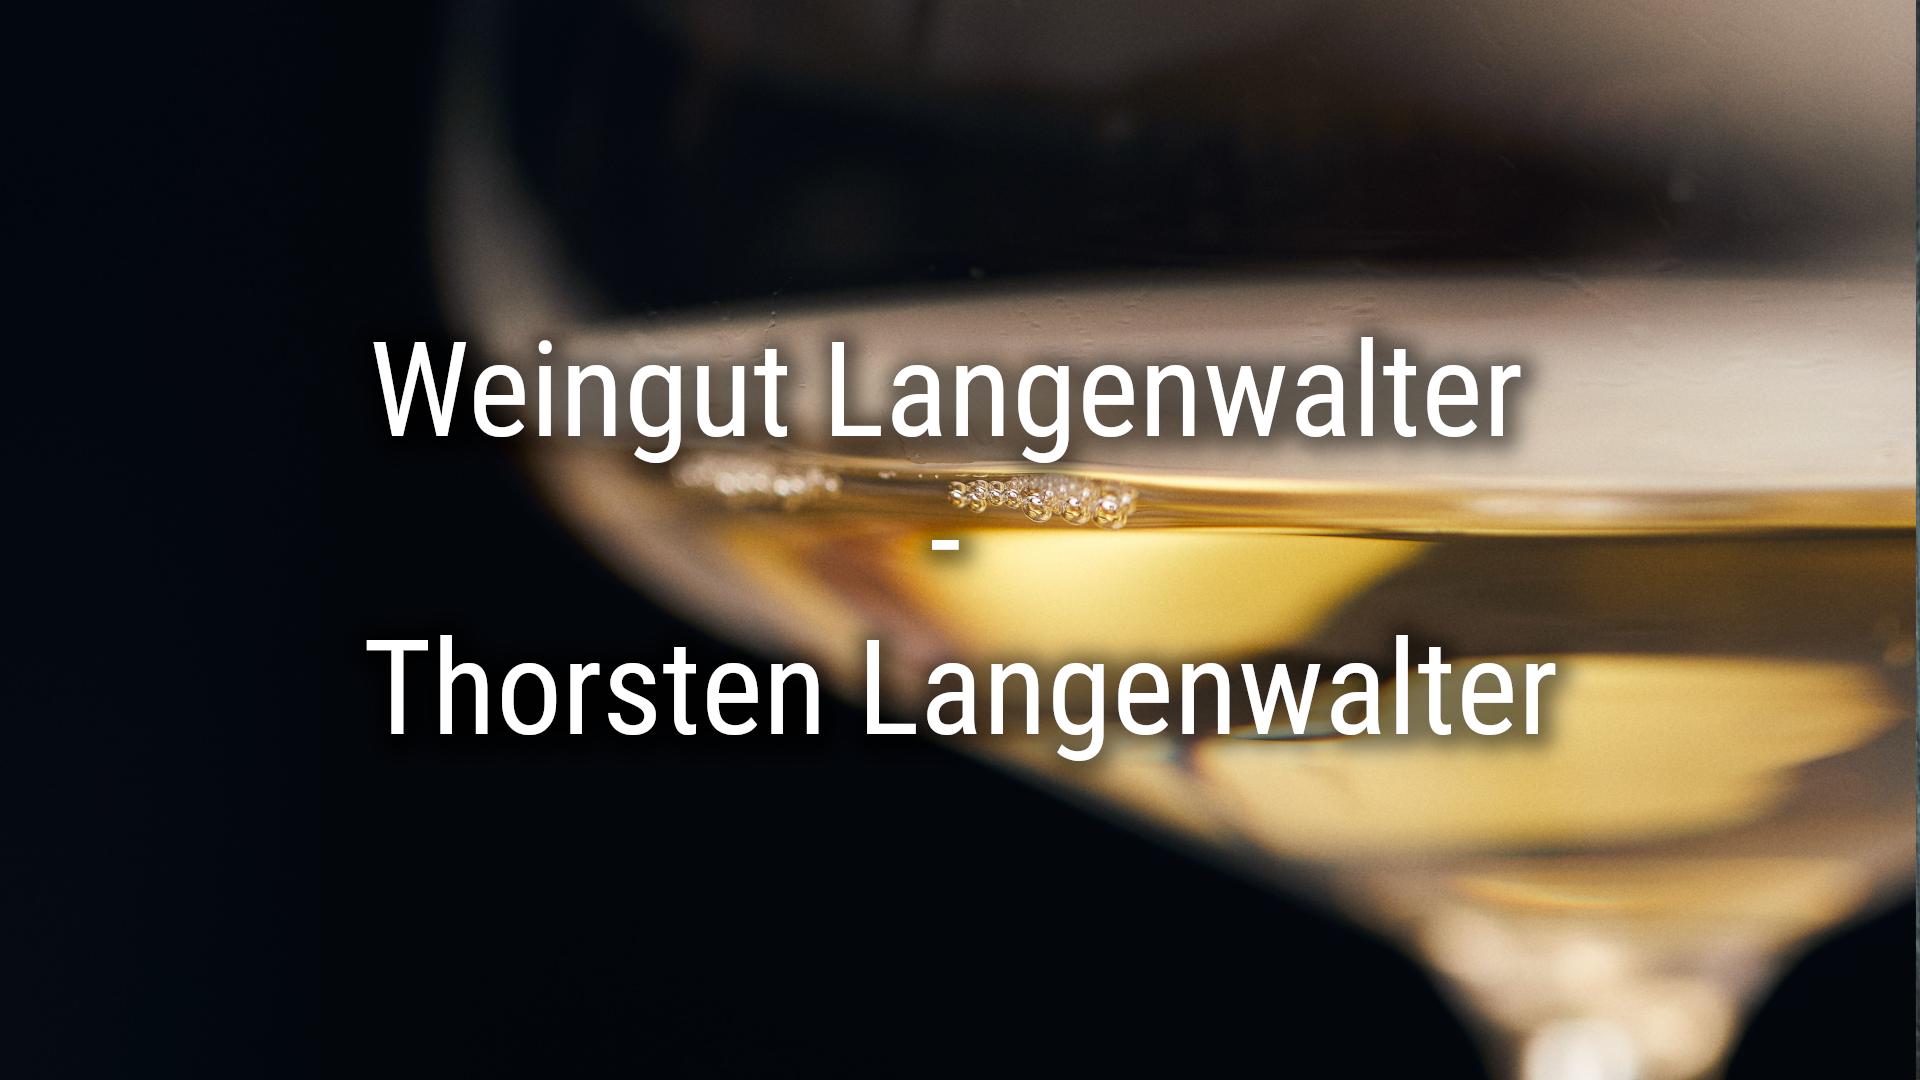 Brief introduction – Weingut Langenwalter – Thorsten Langenwalter